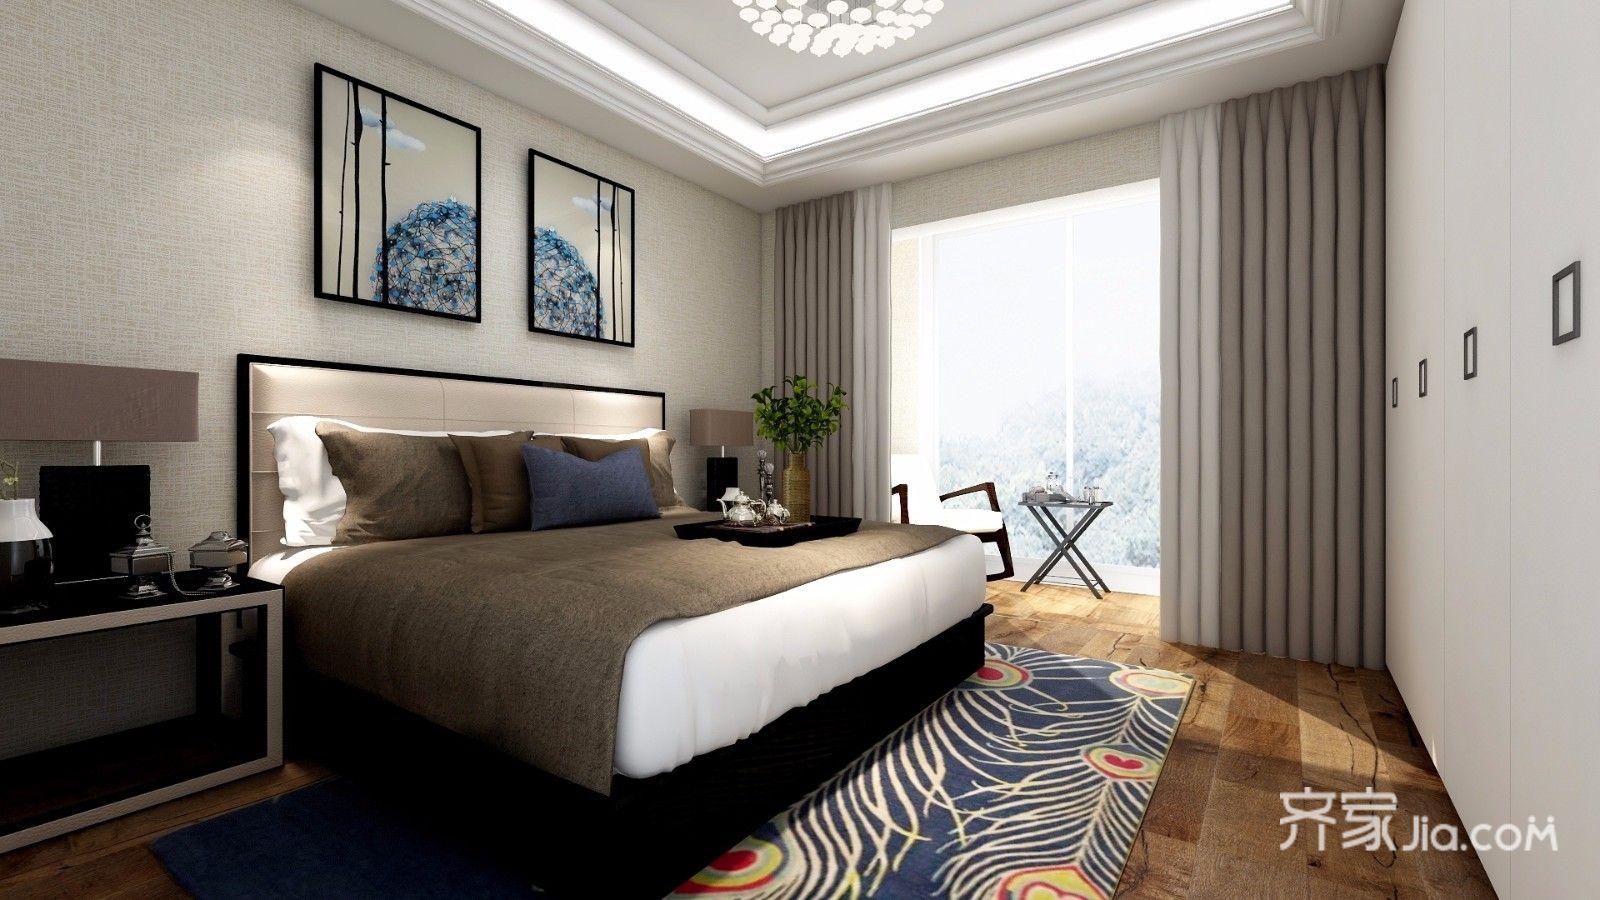 140平米中式风卧室装修效果图